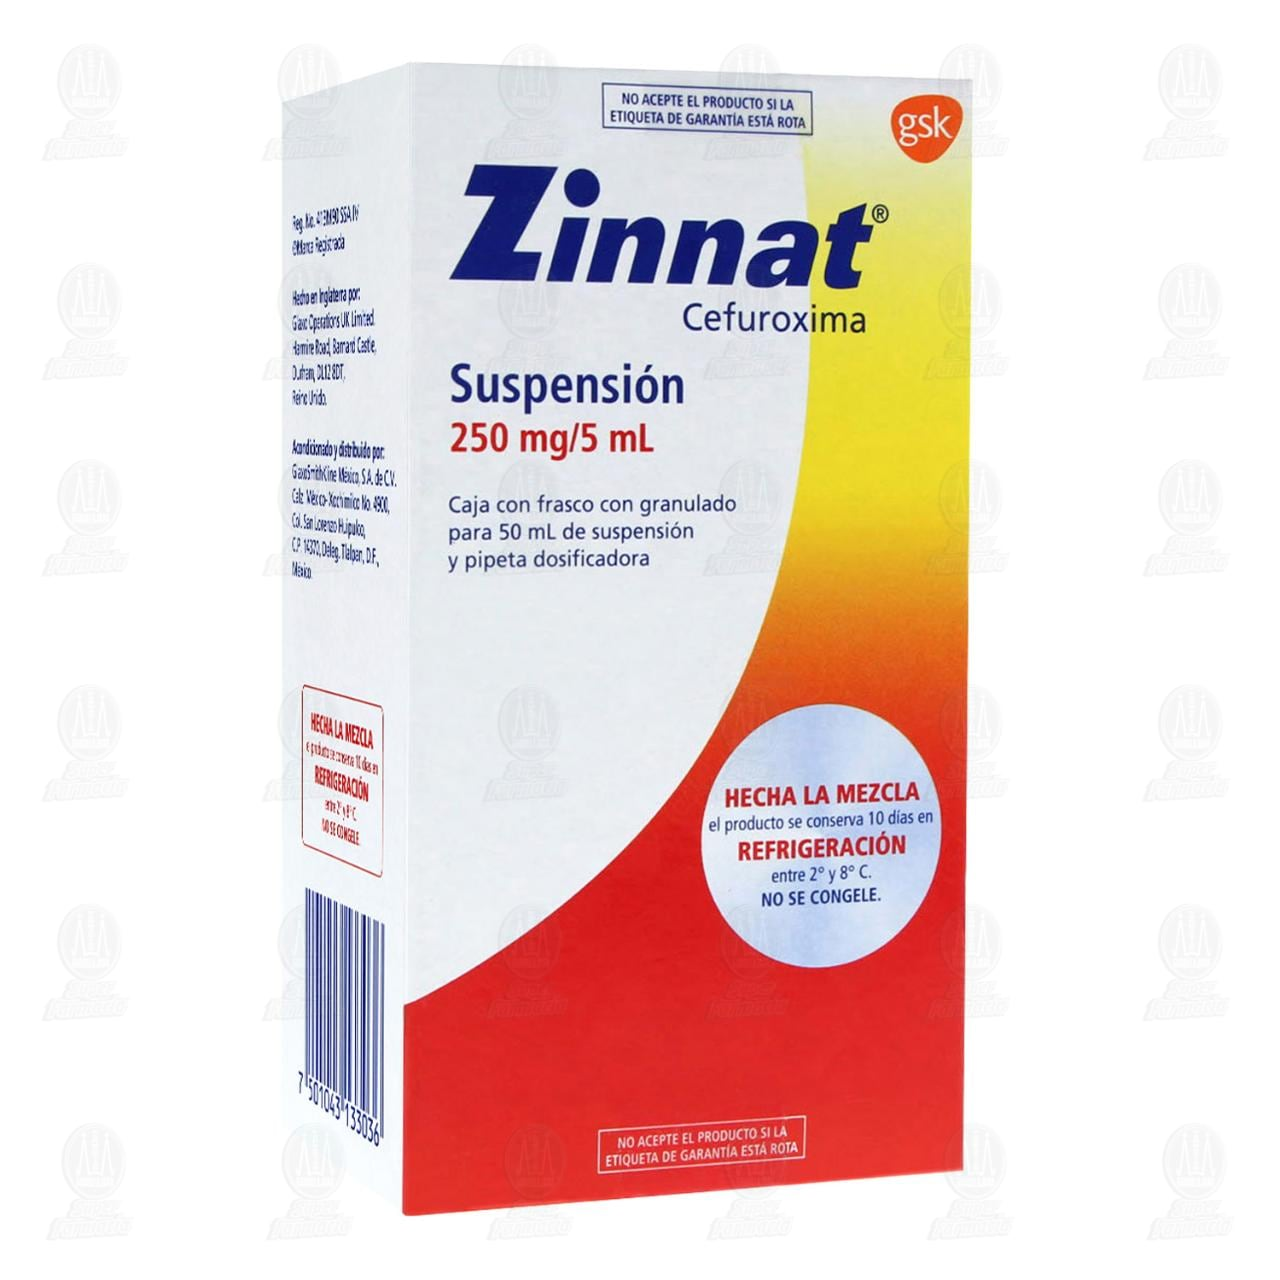 Comprar Zinnat 250mg/5ml 50ml Suspensión en Farmacias Guadalajara